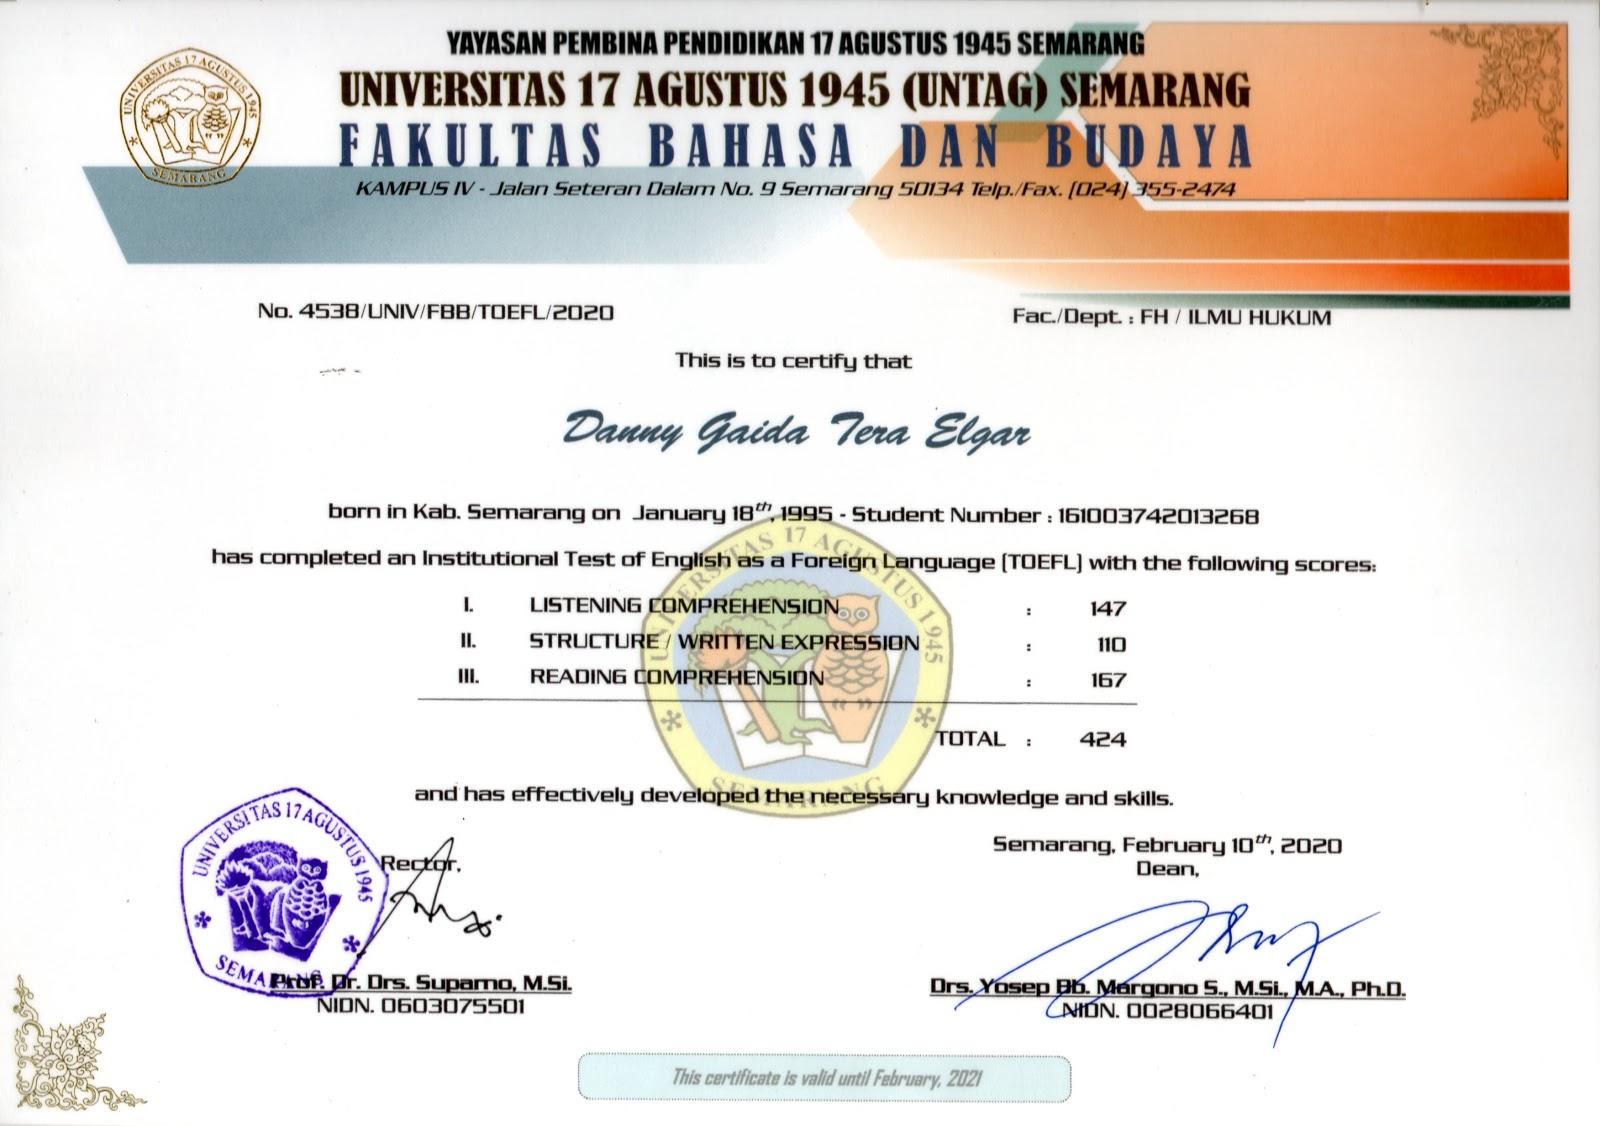 SERTIFIKAT TOEFL Fakultas Hukum Universitas 17 Agustus 1945 (UNTAG) Semarang | Skor Nilai Hasil Ujian TOEFL : 424 | Sertifikat ini berlaku hingga Februari 2021